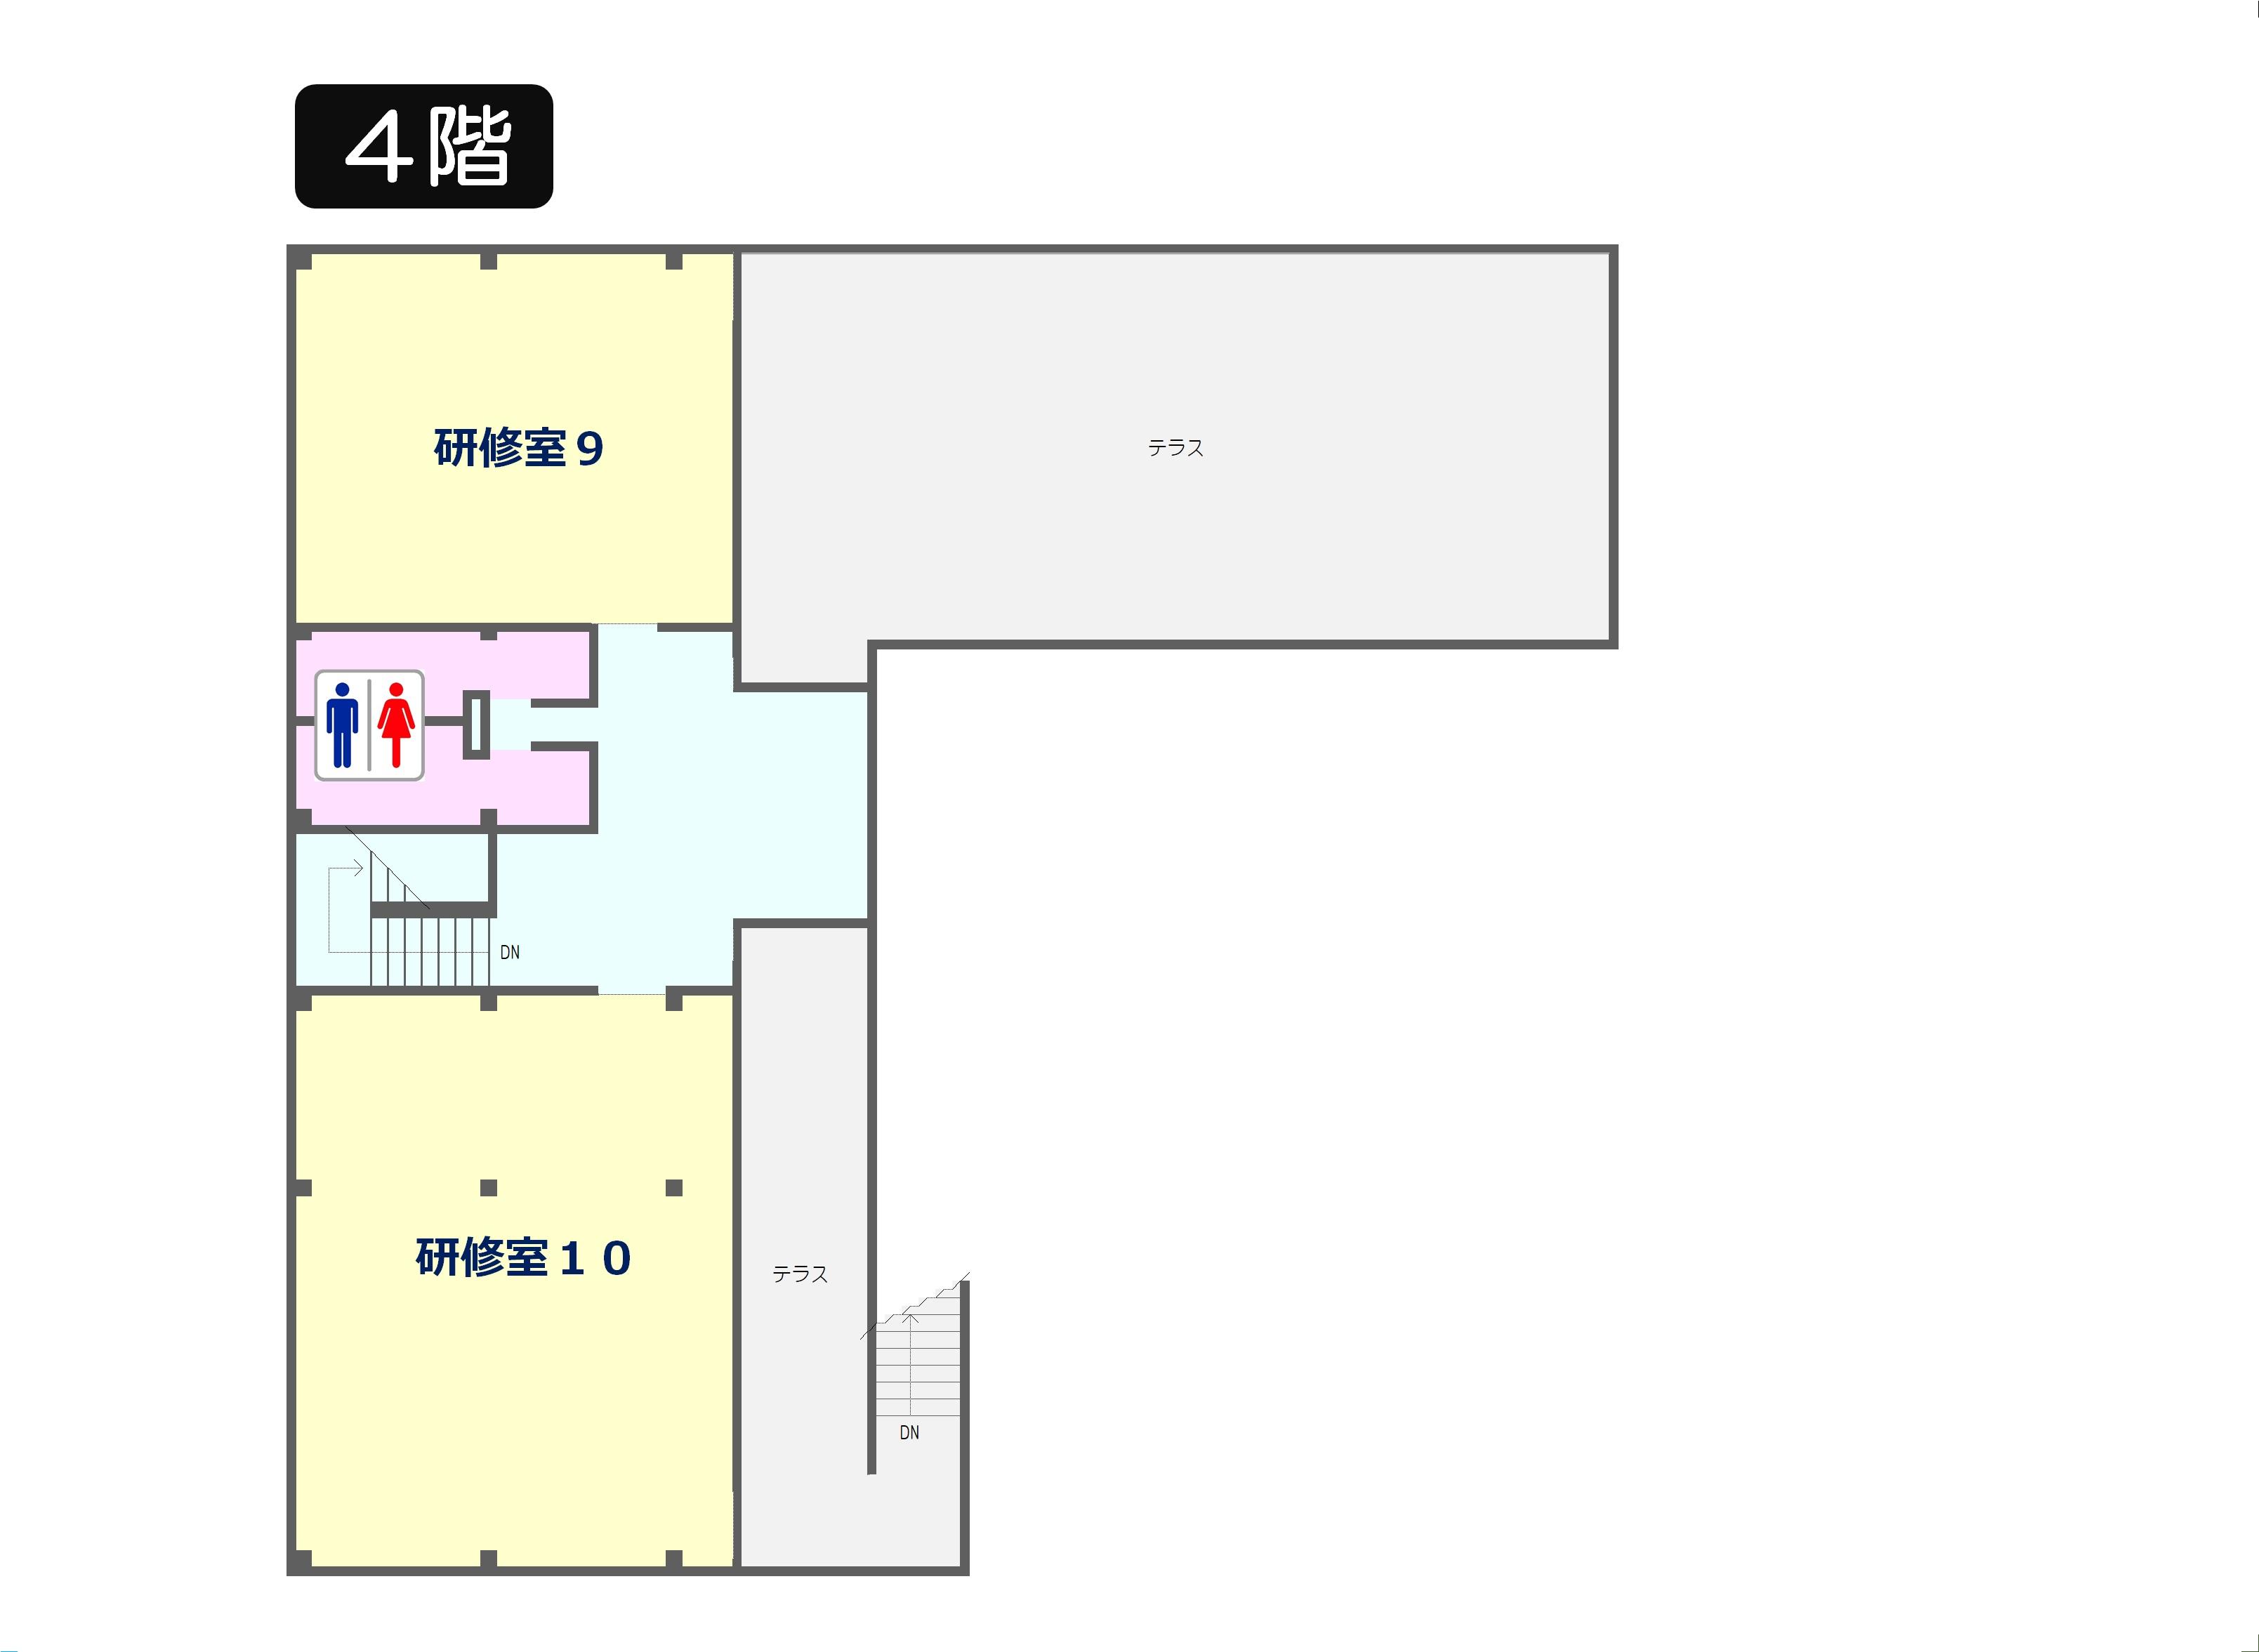 『『『新4階』の画像』の画像』の画像